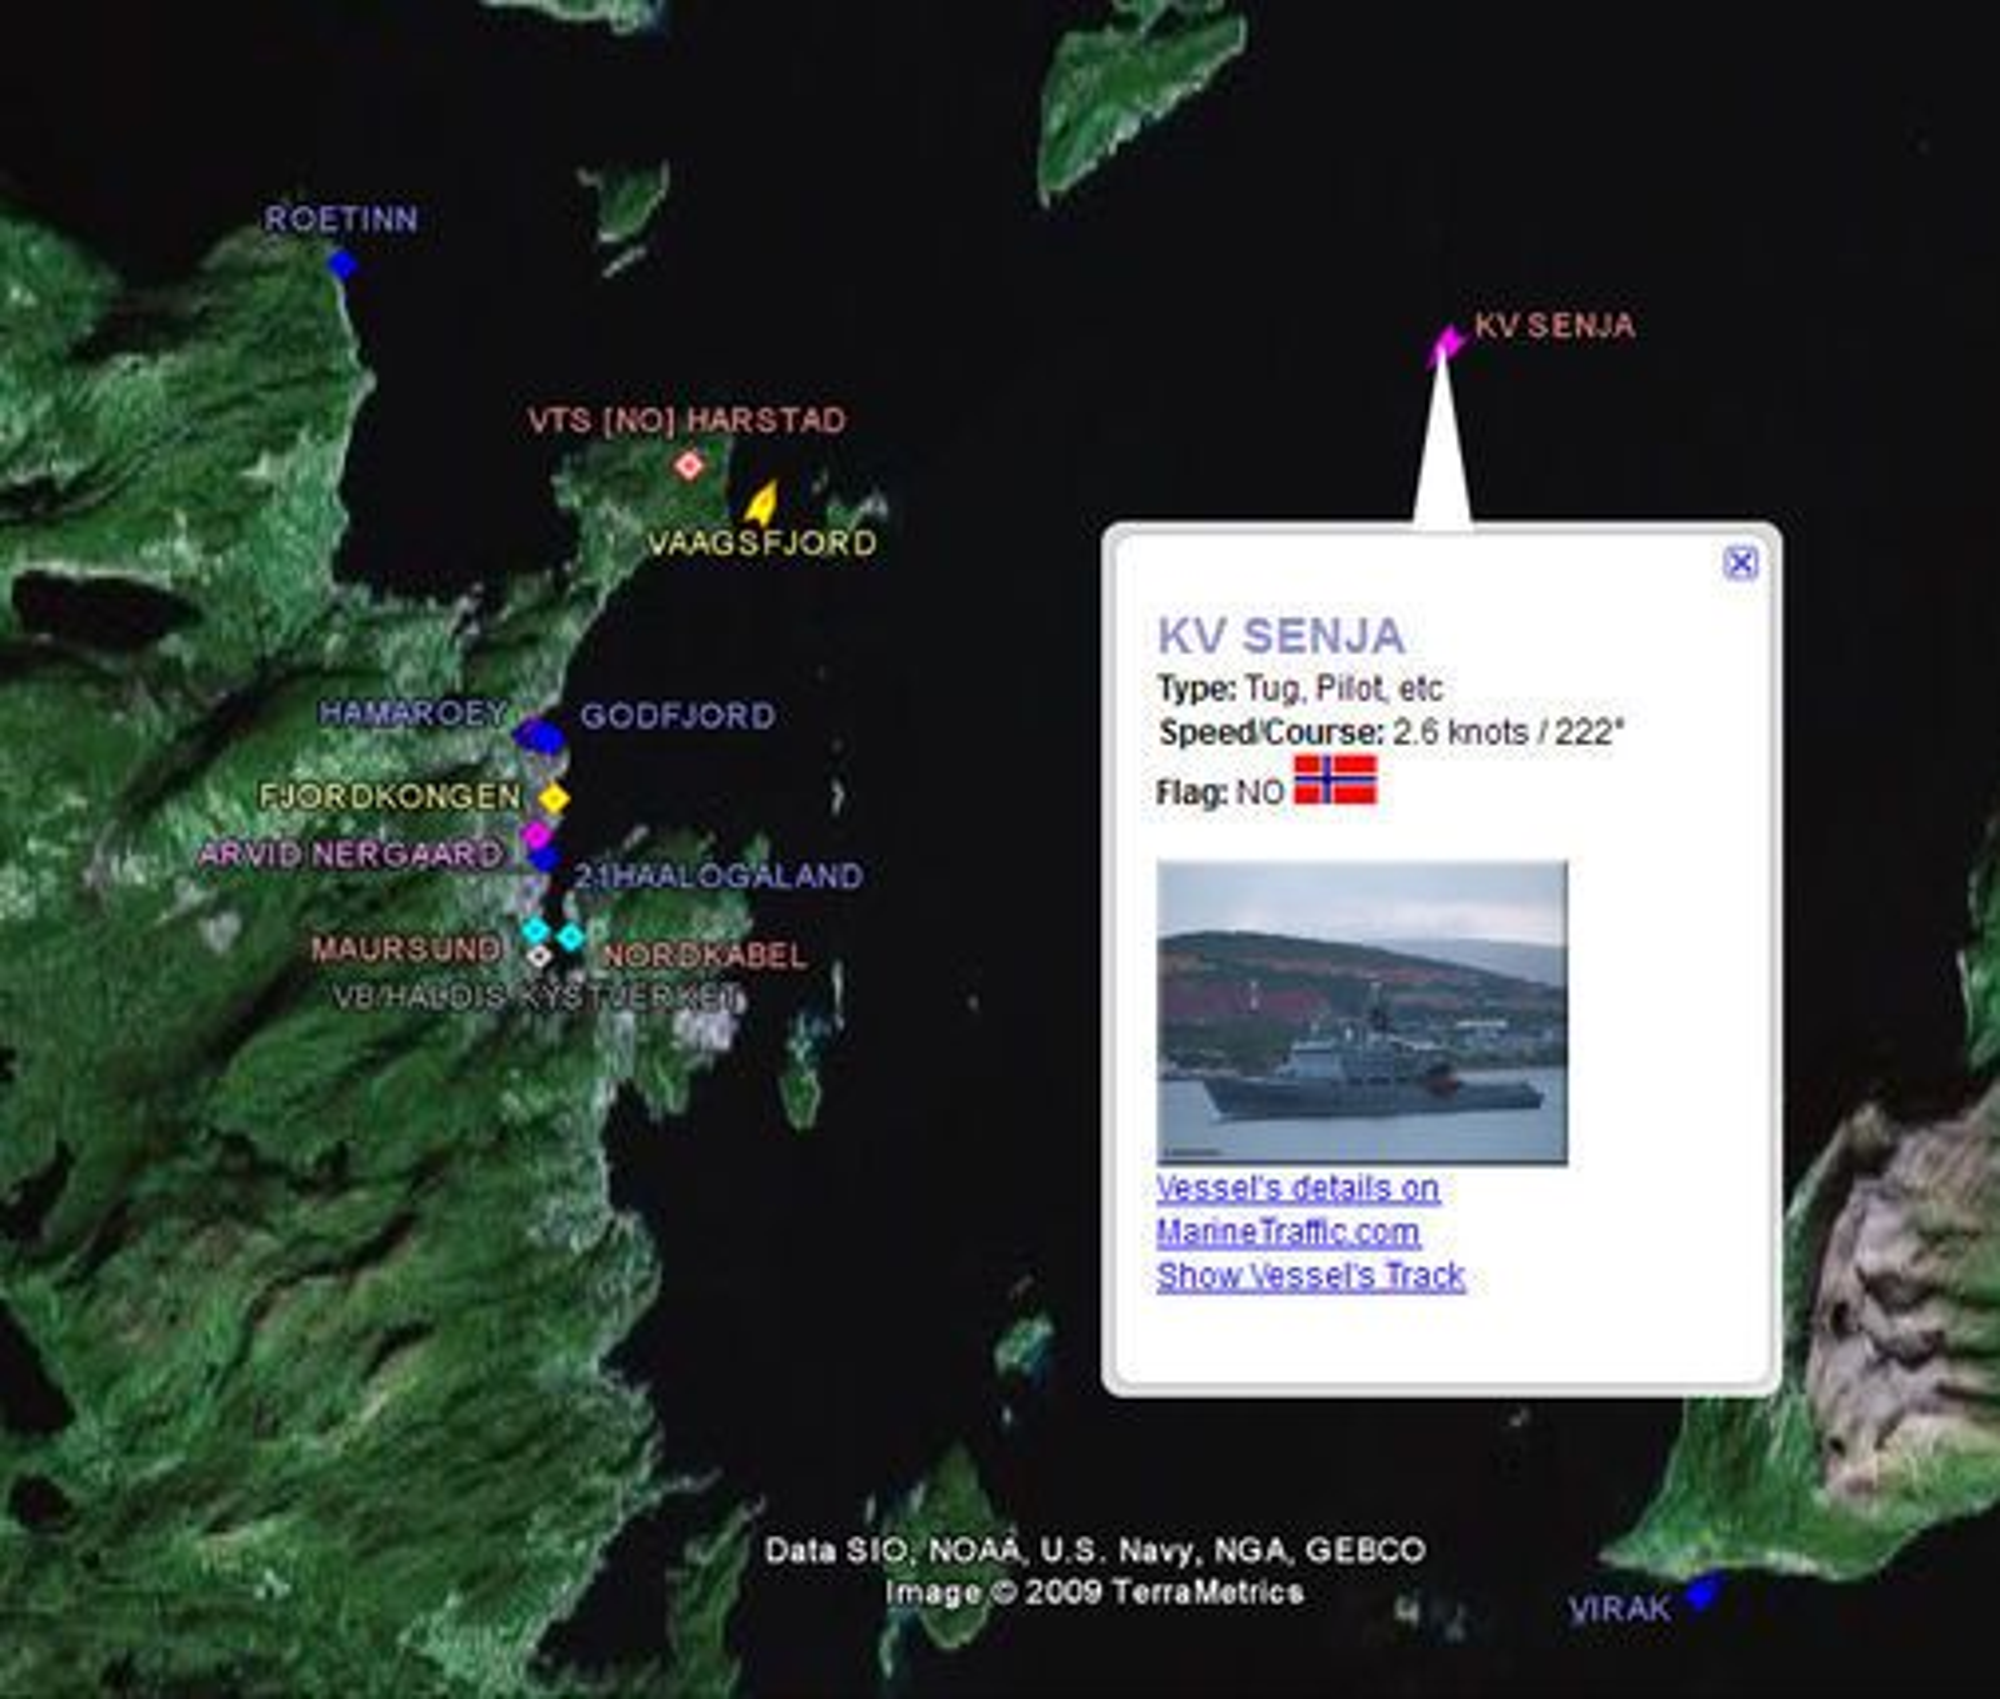 Posisjonsinformasjon om skip fra Marine Traffic vist i Google Earth. Her med mer informasjon om kystvaktskipet KV Senja, som i skrivende stund lå utenfor Harstad.